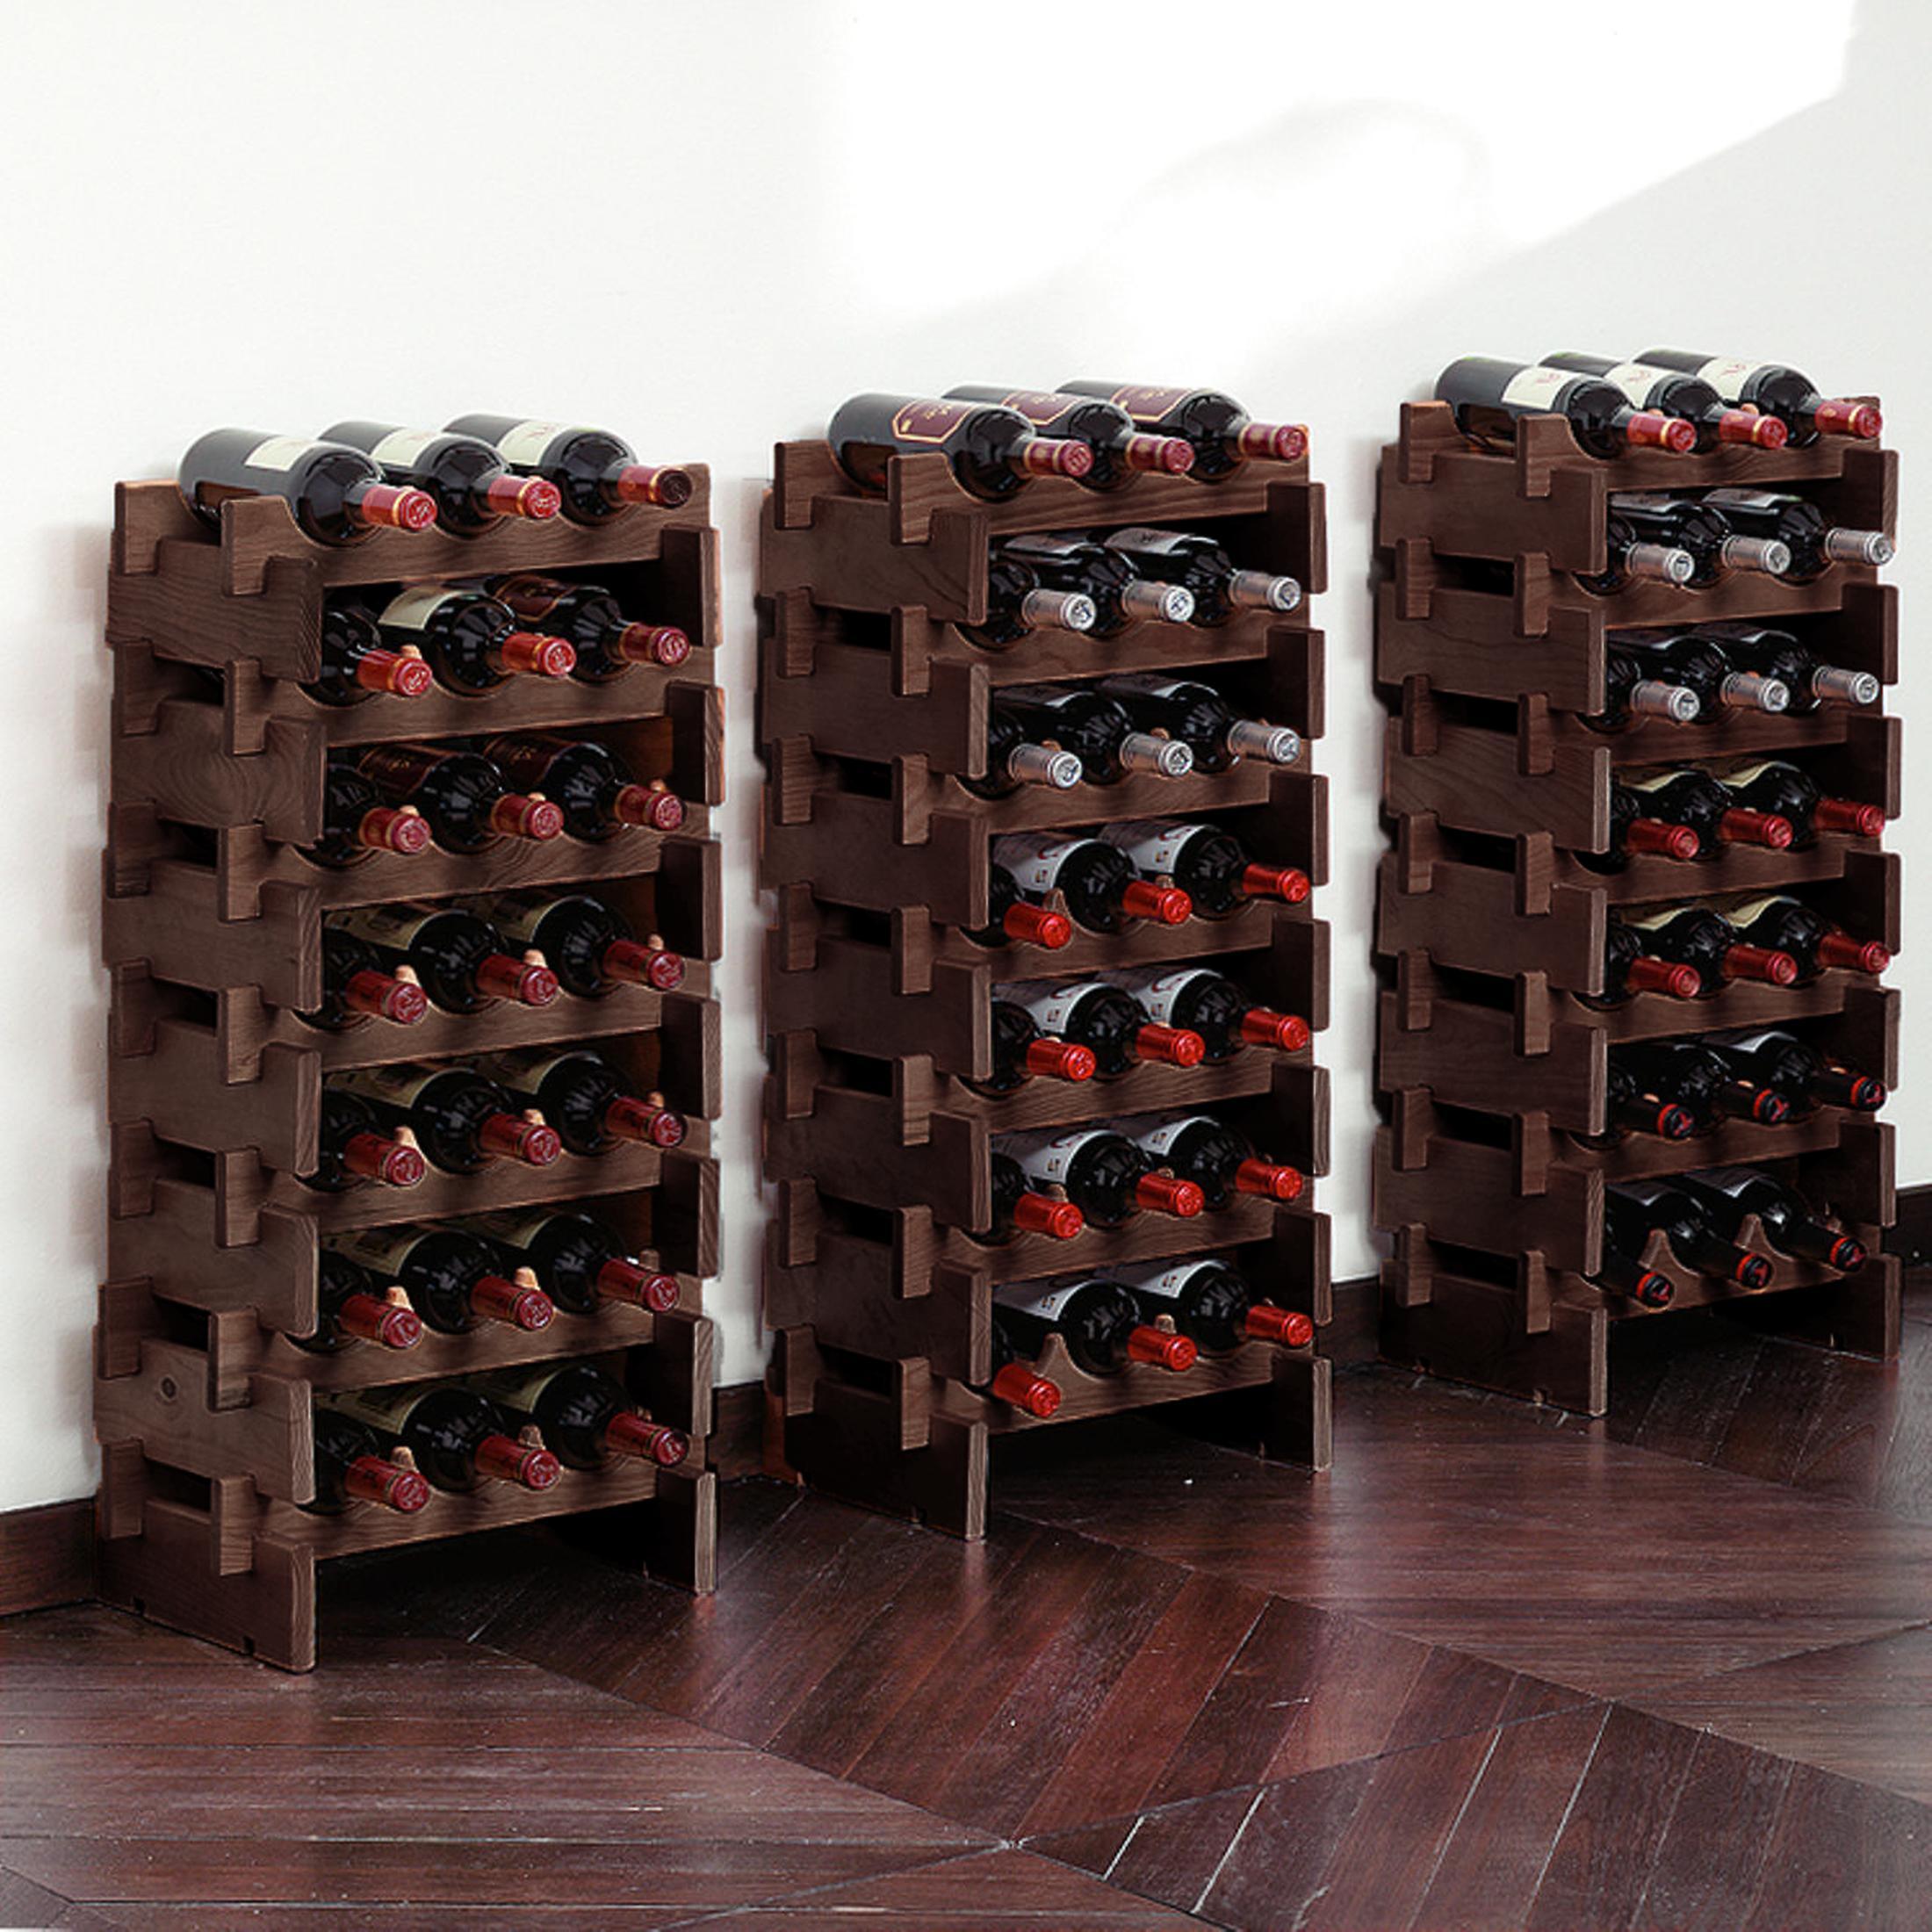 Weinregal Merlot Kiefer Natur H25 X B39 X T29 Cm Fur 6 Fl Wine Racks Home Furniture Diy Plastpath Com Br